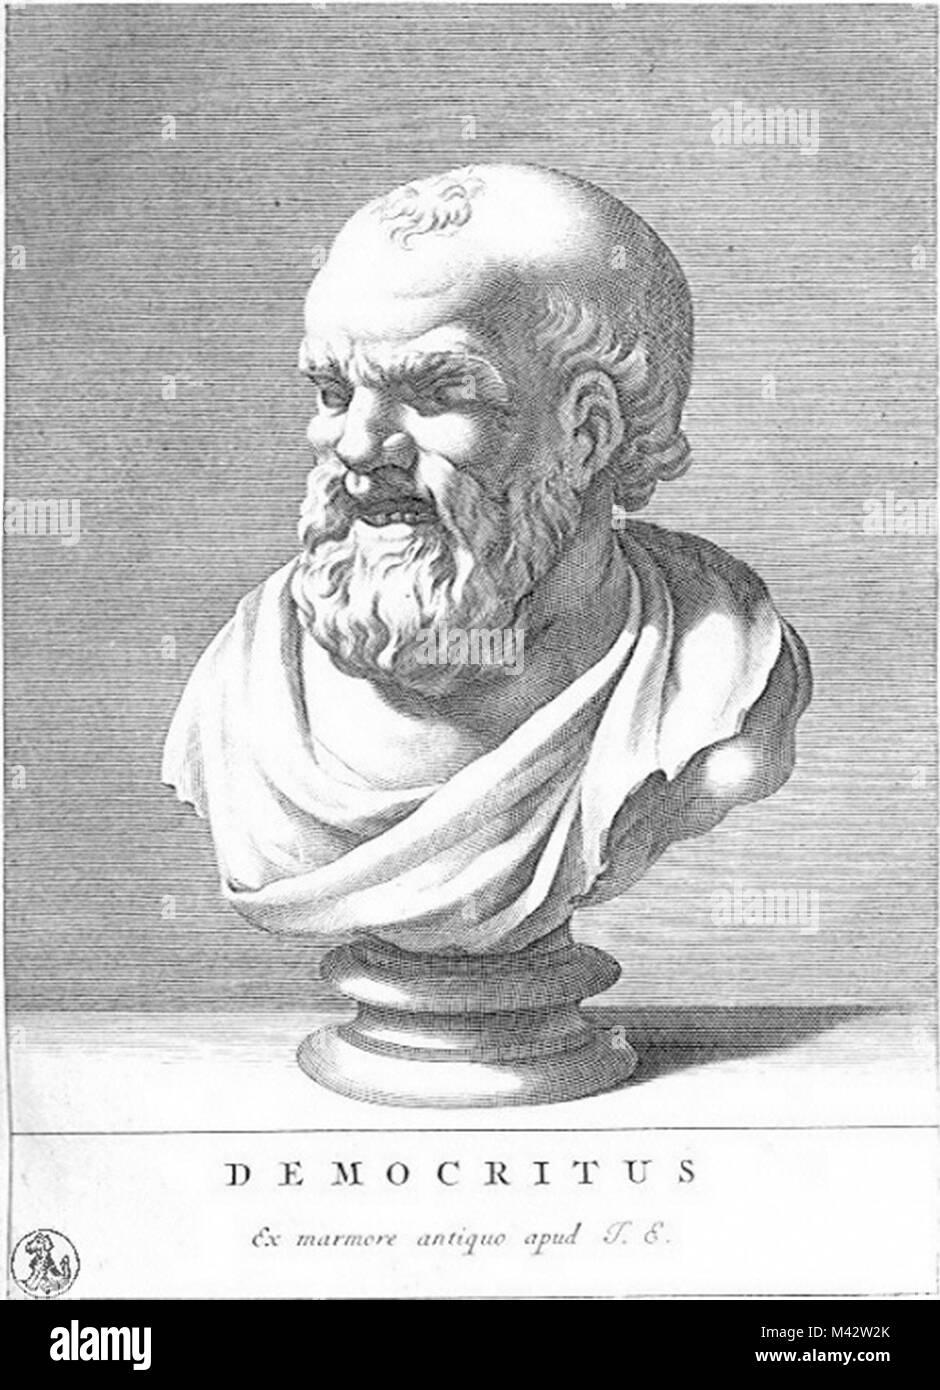 Democrito (c. 460 - c. 370 BC) Greco antico pre-filosofo socratico, formulato una teoria atomica dell'universo Immagini Stock